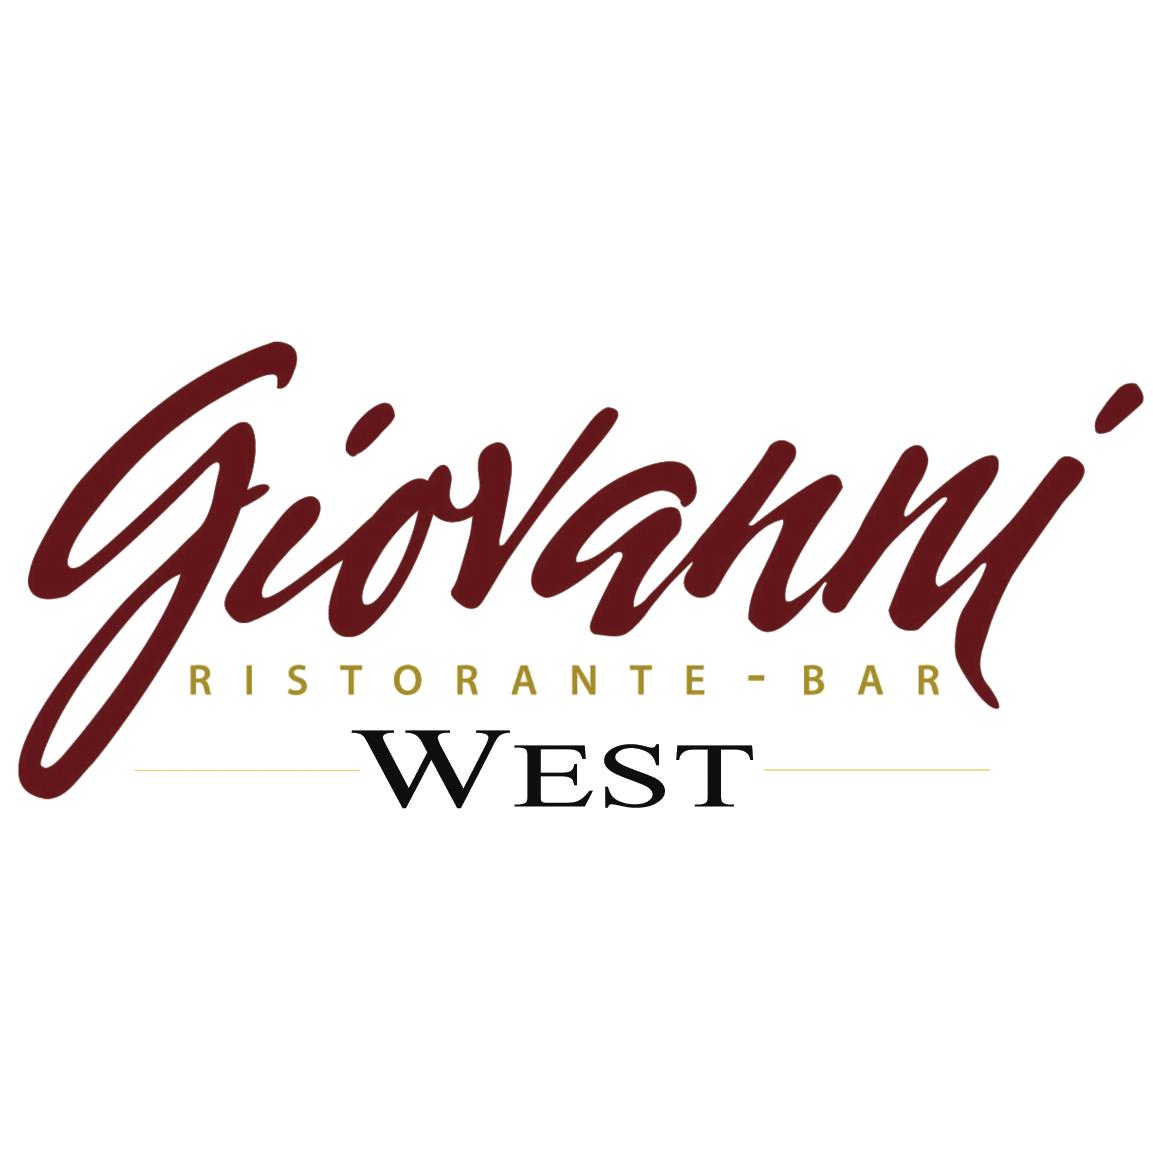 Giovanni Ristorante West